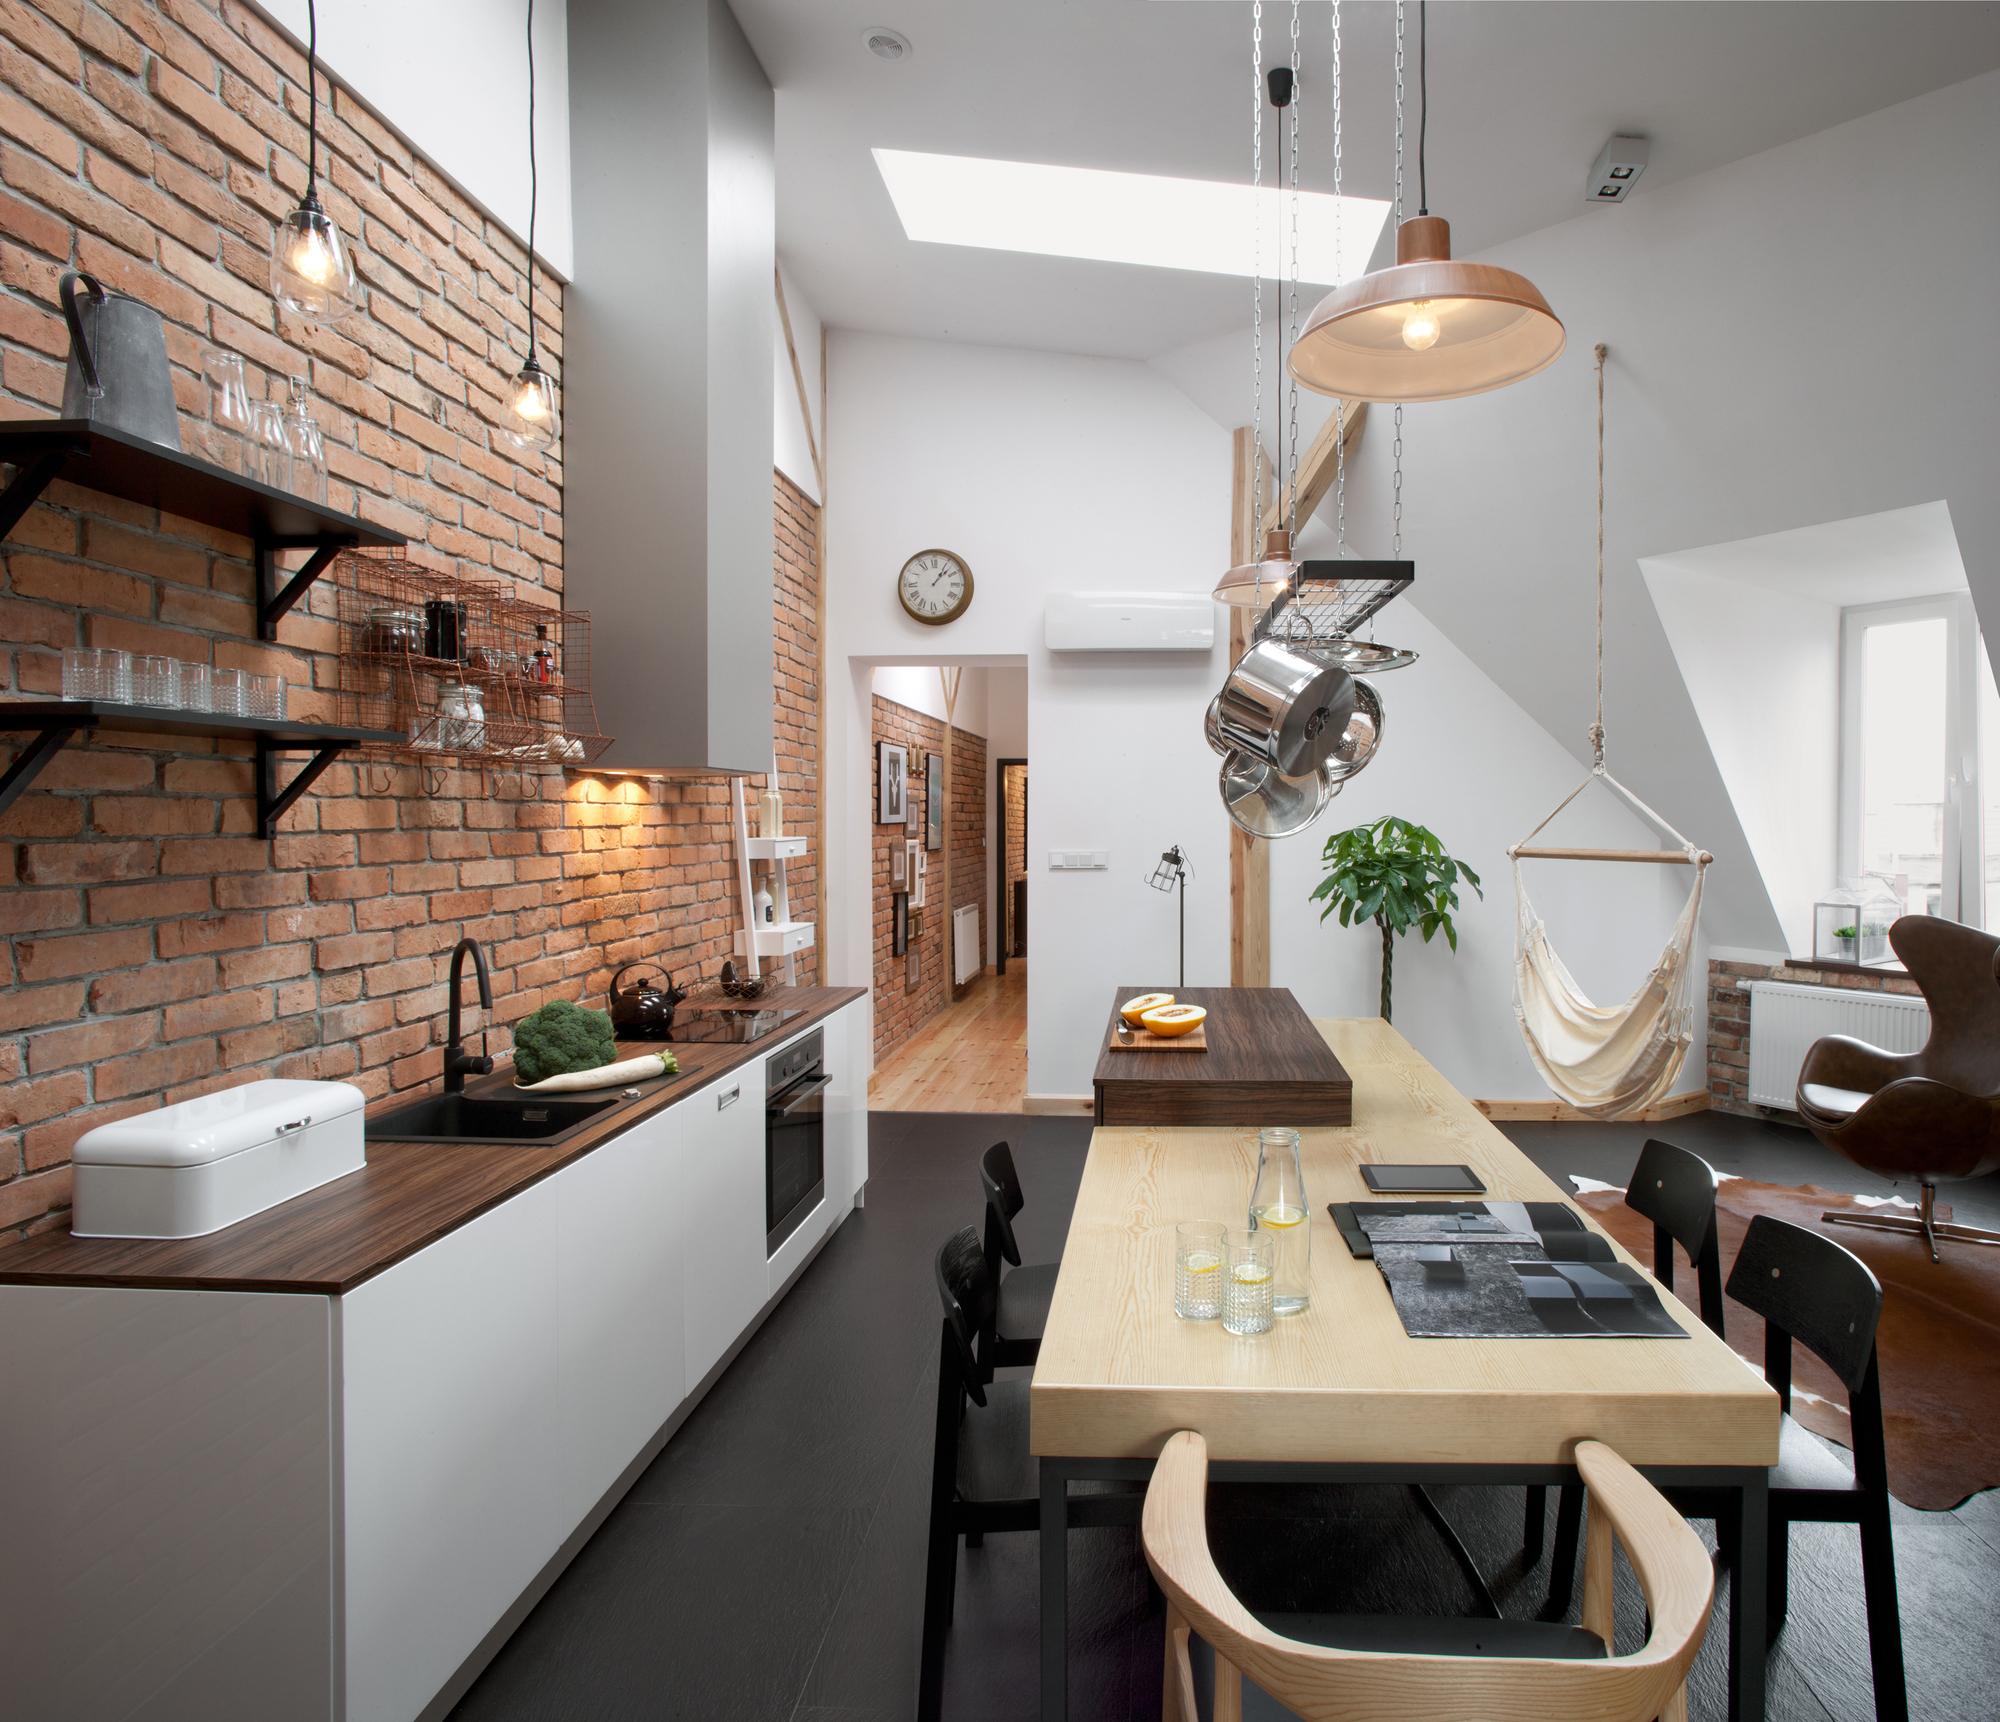 Styles Of Homes In Our Area: Loft Em Um Edifício Histórico / CUNS